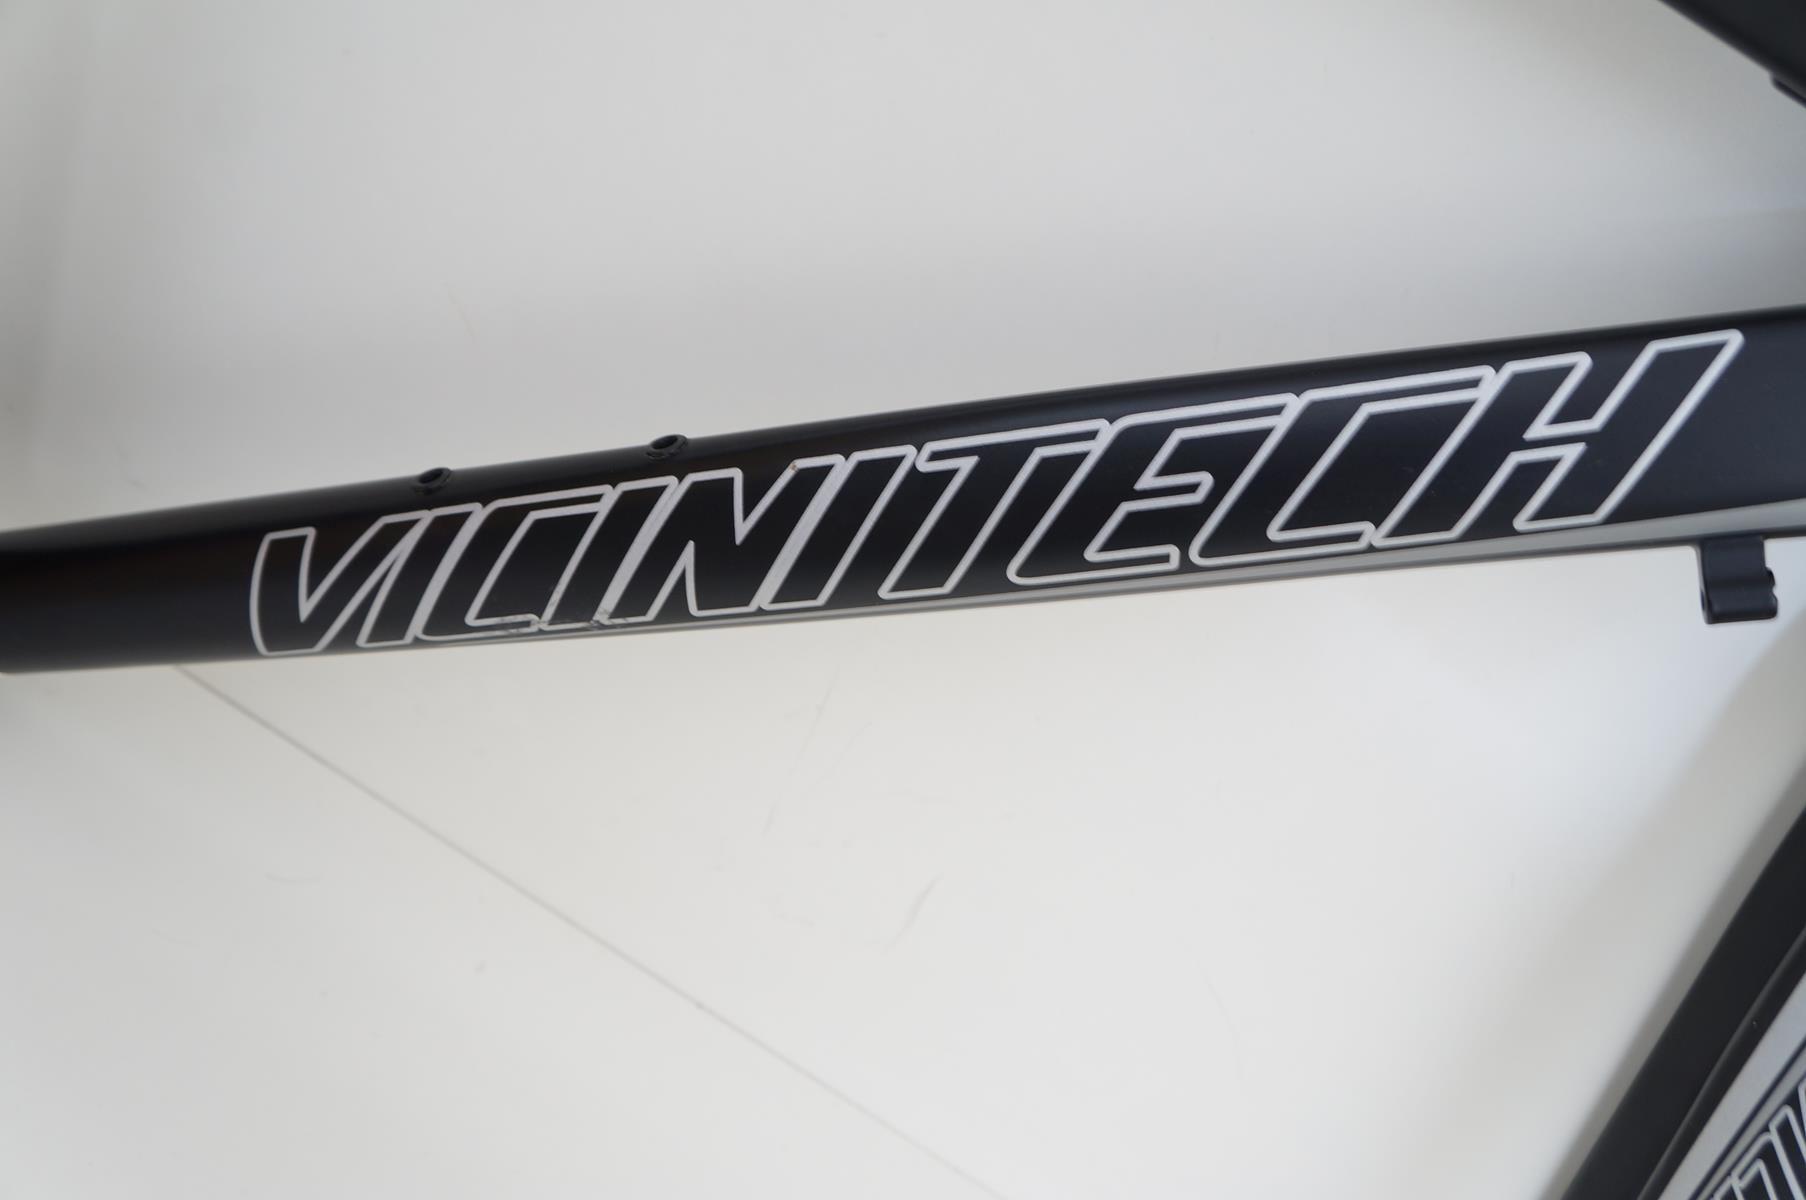 Quadro Bicicleta Speed Vicinitech Space Pro 2 em Alumino Aro 700 com Garfo